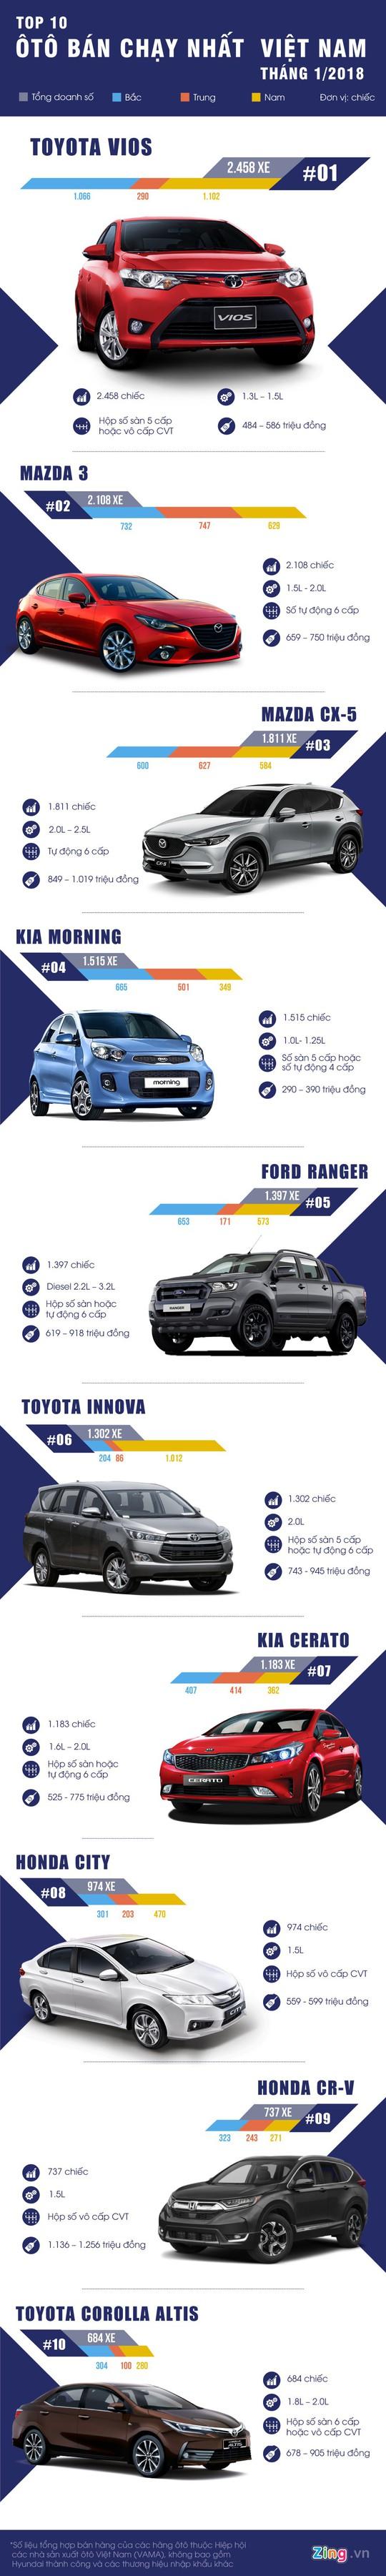 10 xe bán chạy tháng 1/2018 ở VN: Vios và Mazda 3 chiếm phần lớn - Ảnh 1.